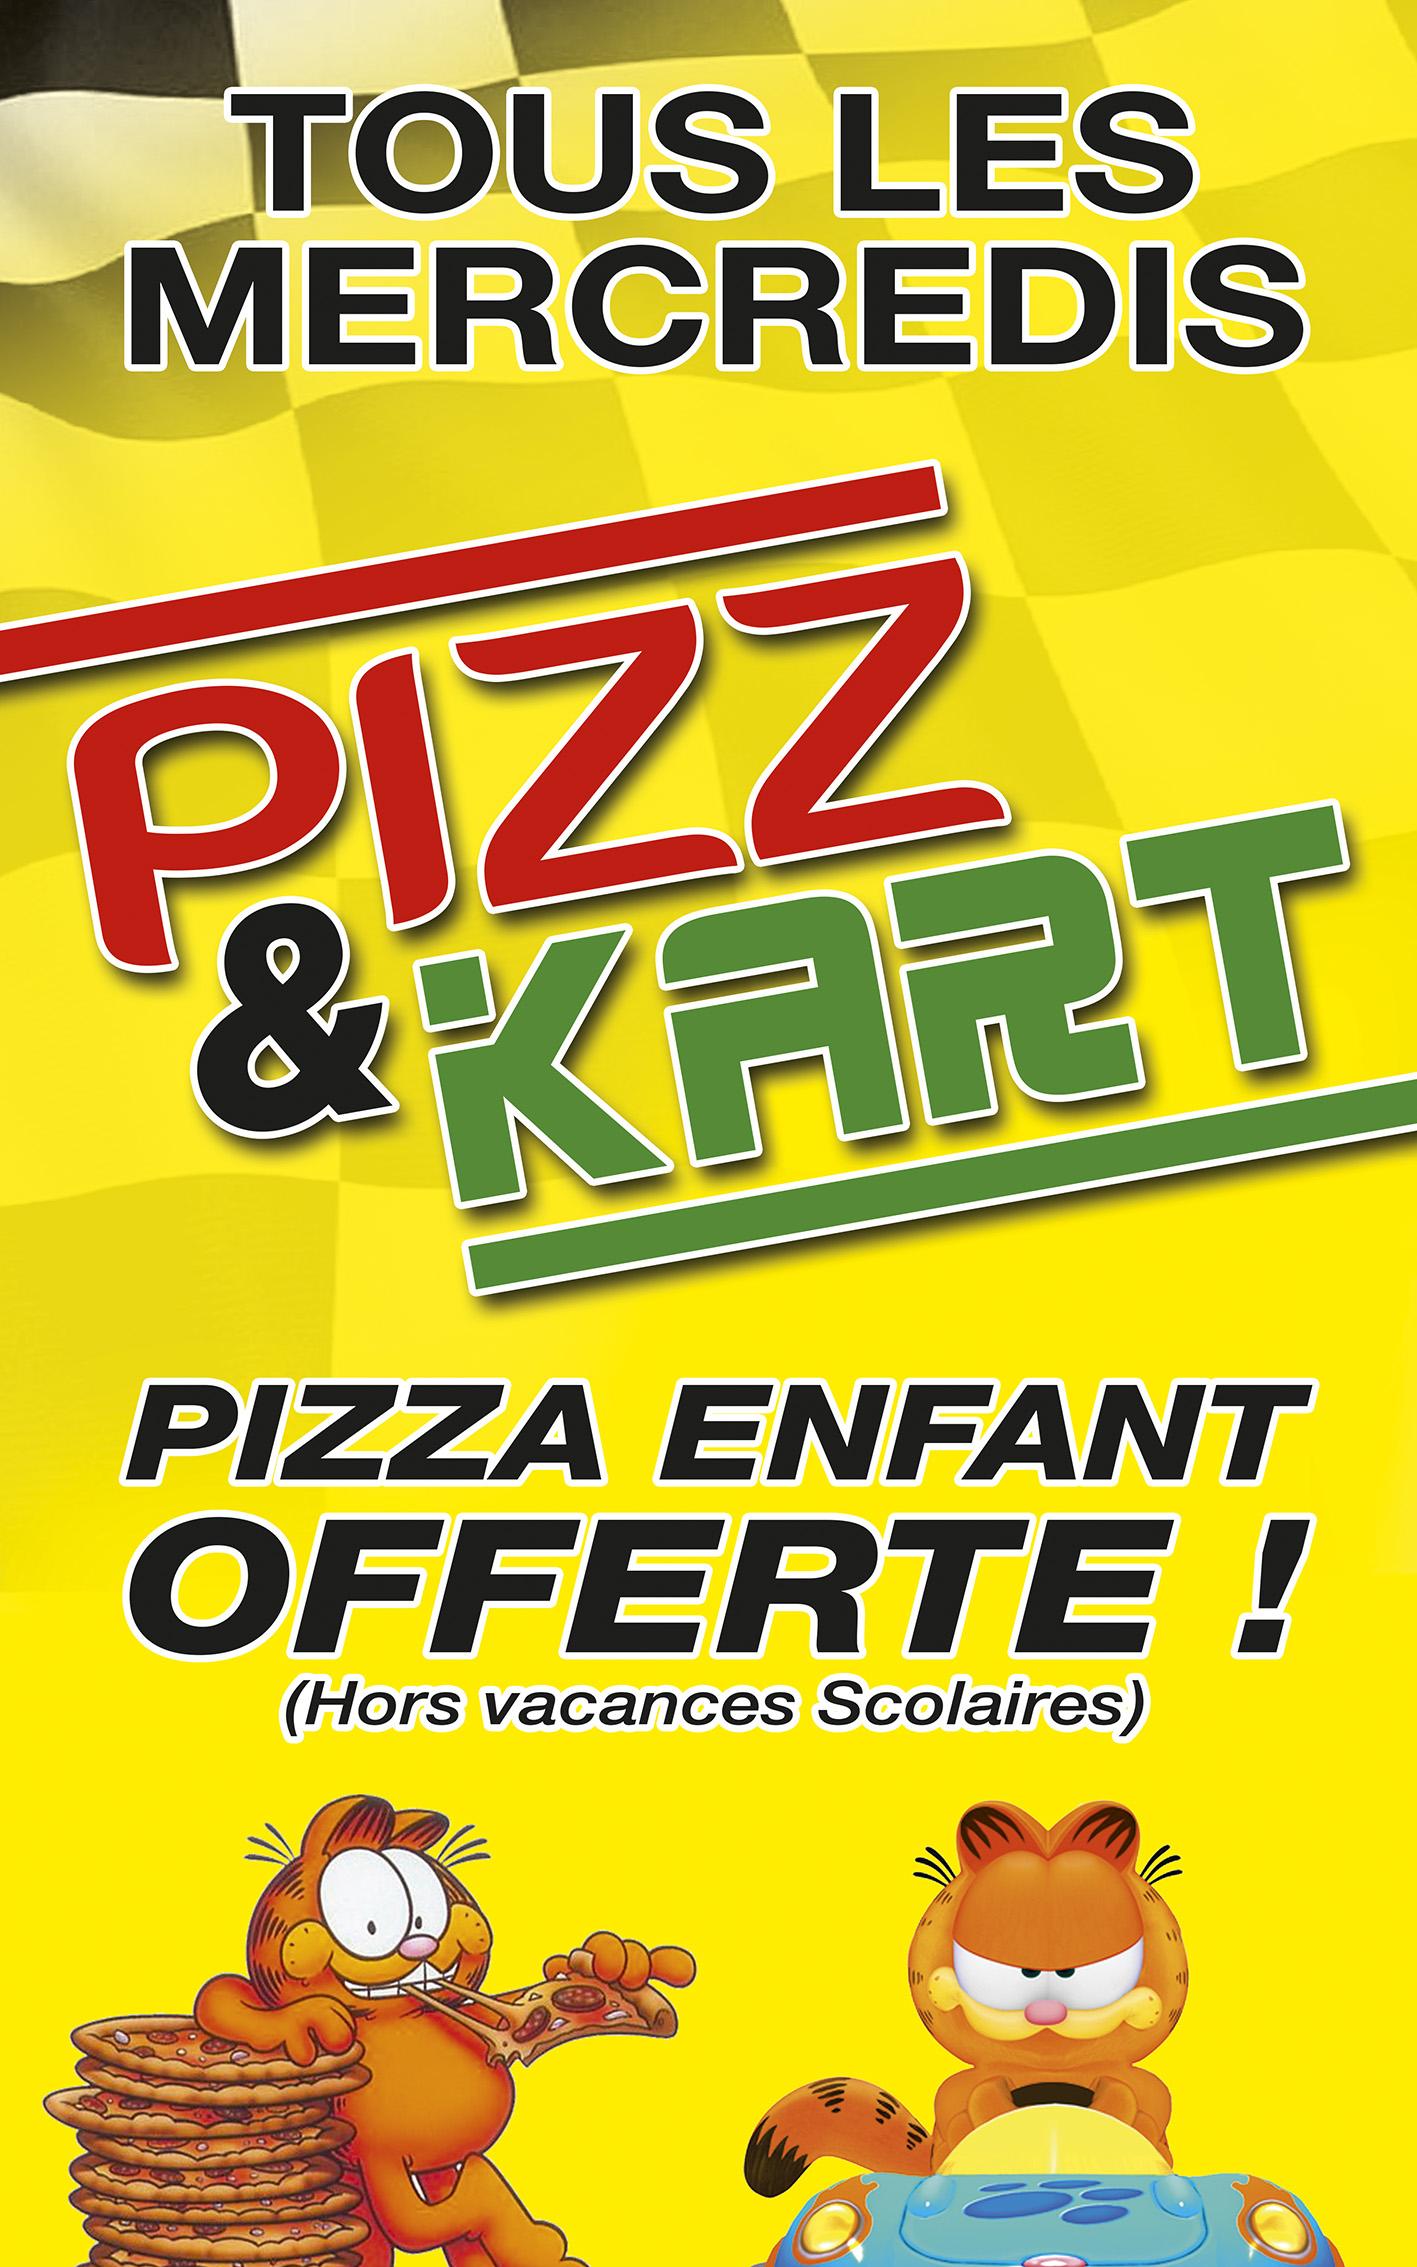 https://static.blog4ever.com/2011/09/524354/Panneau-pizz-kart.jpg